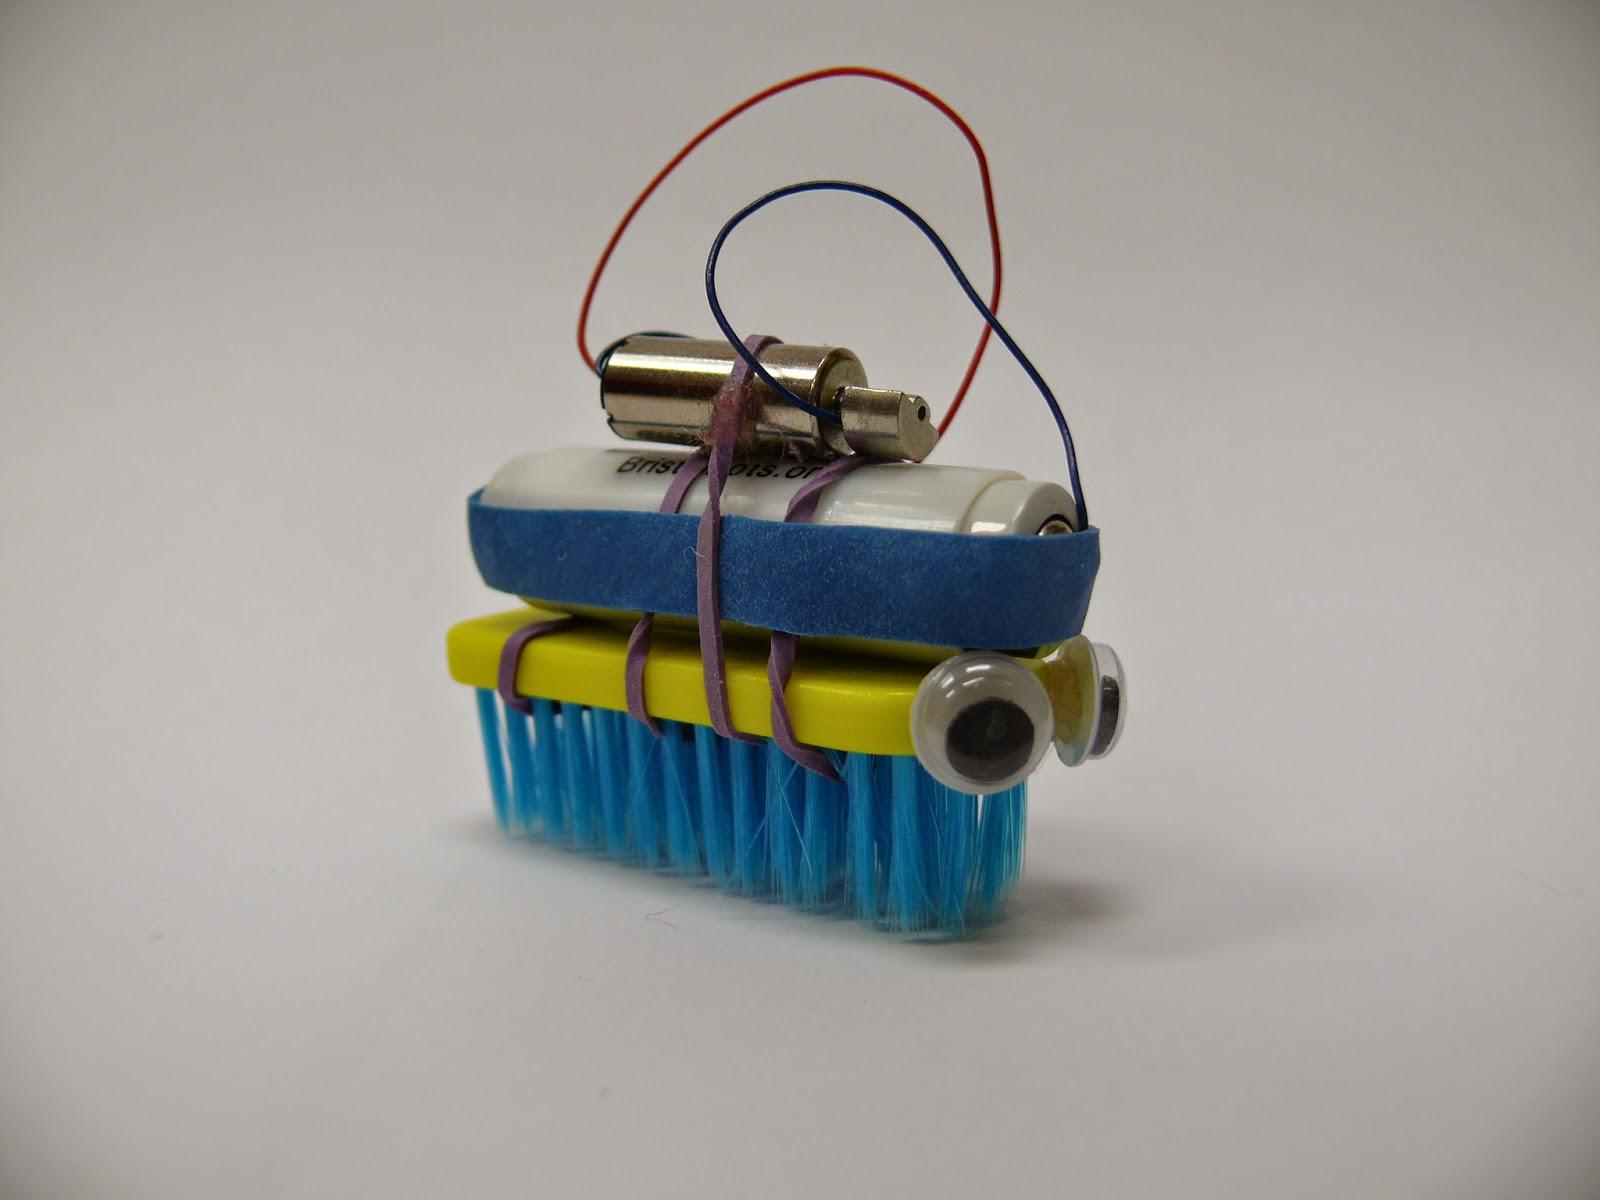 A brushbot robot.